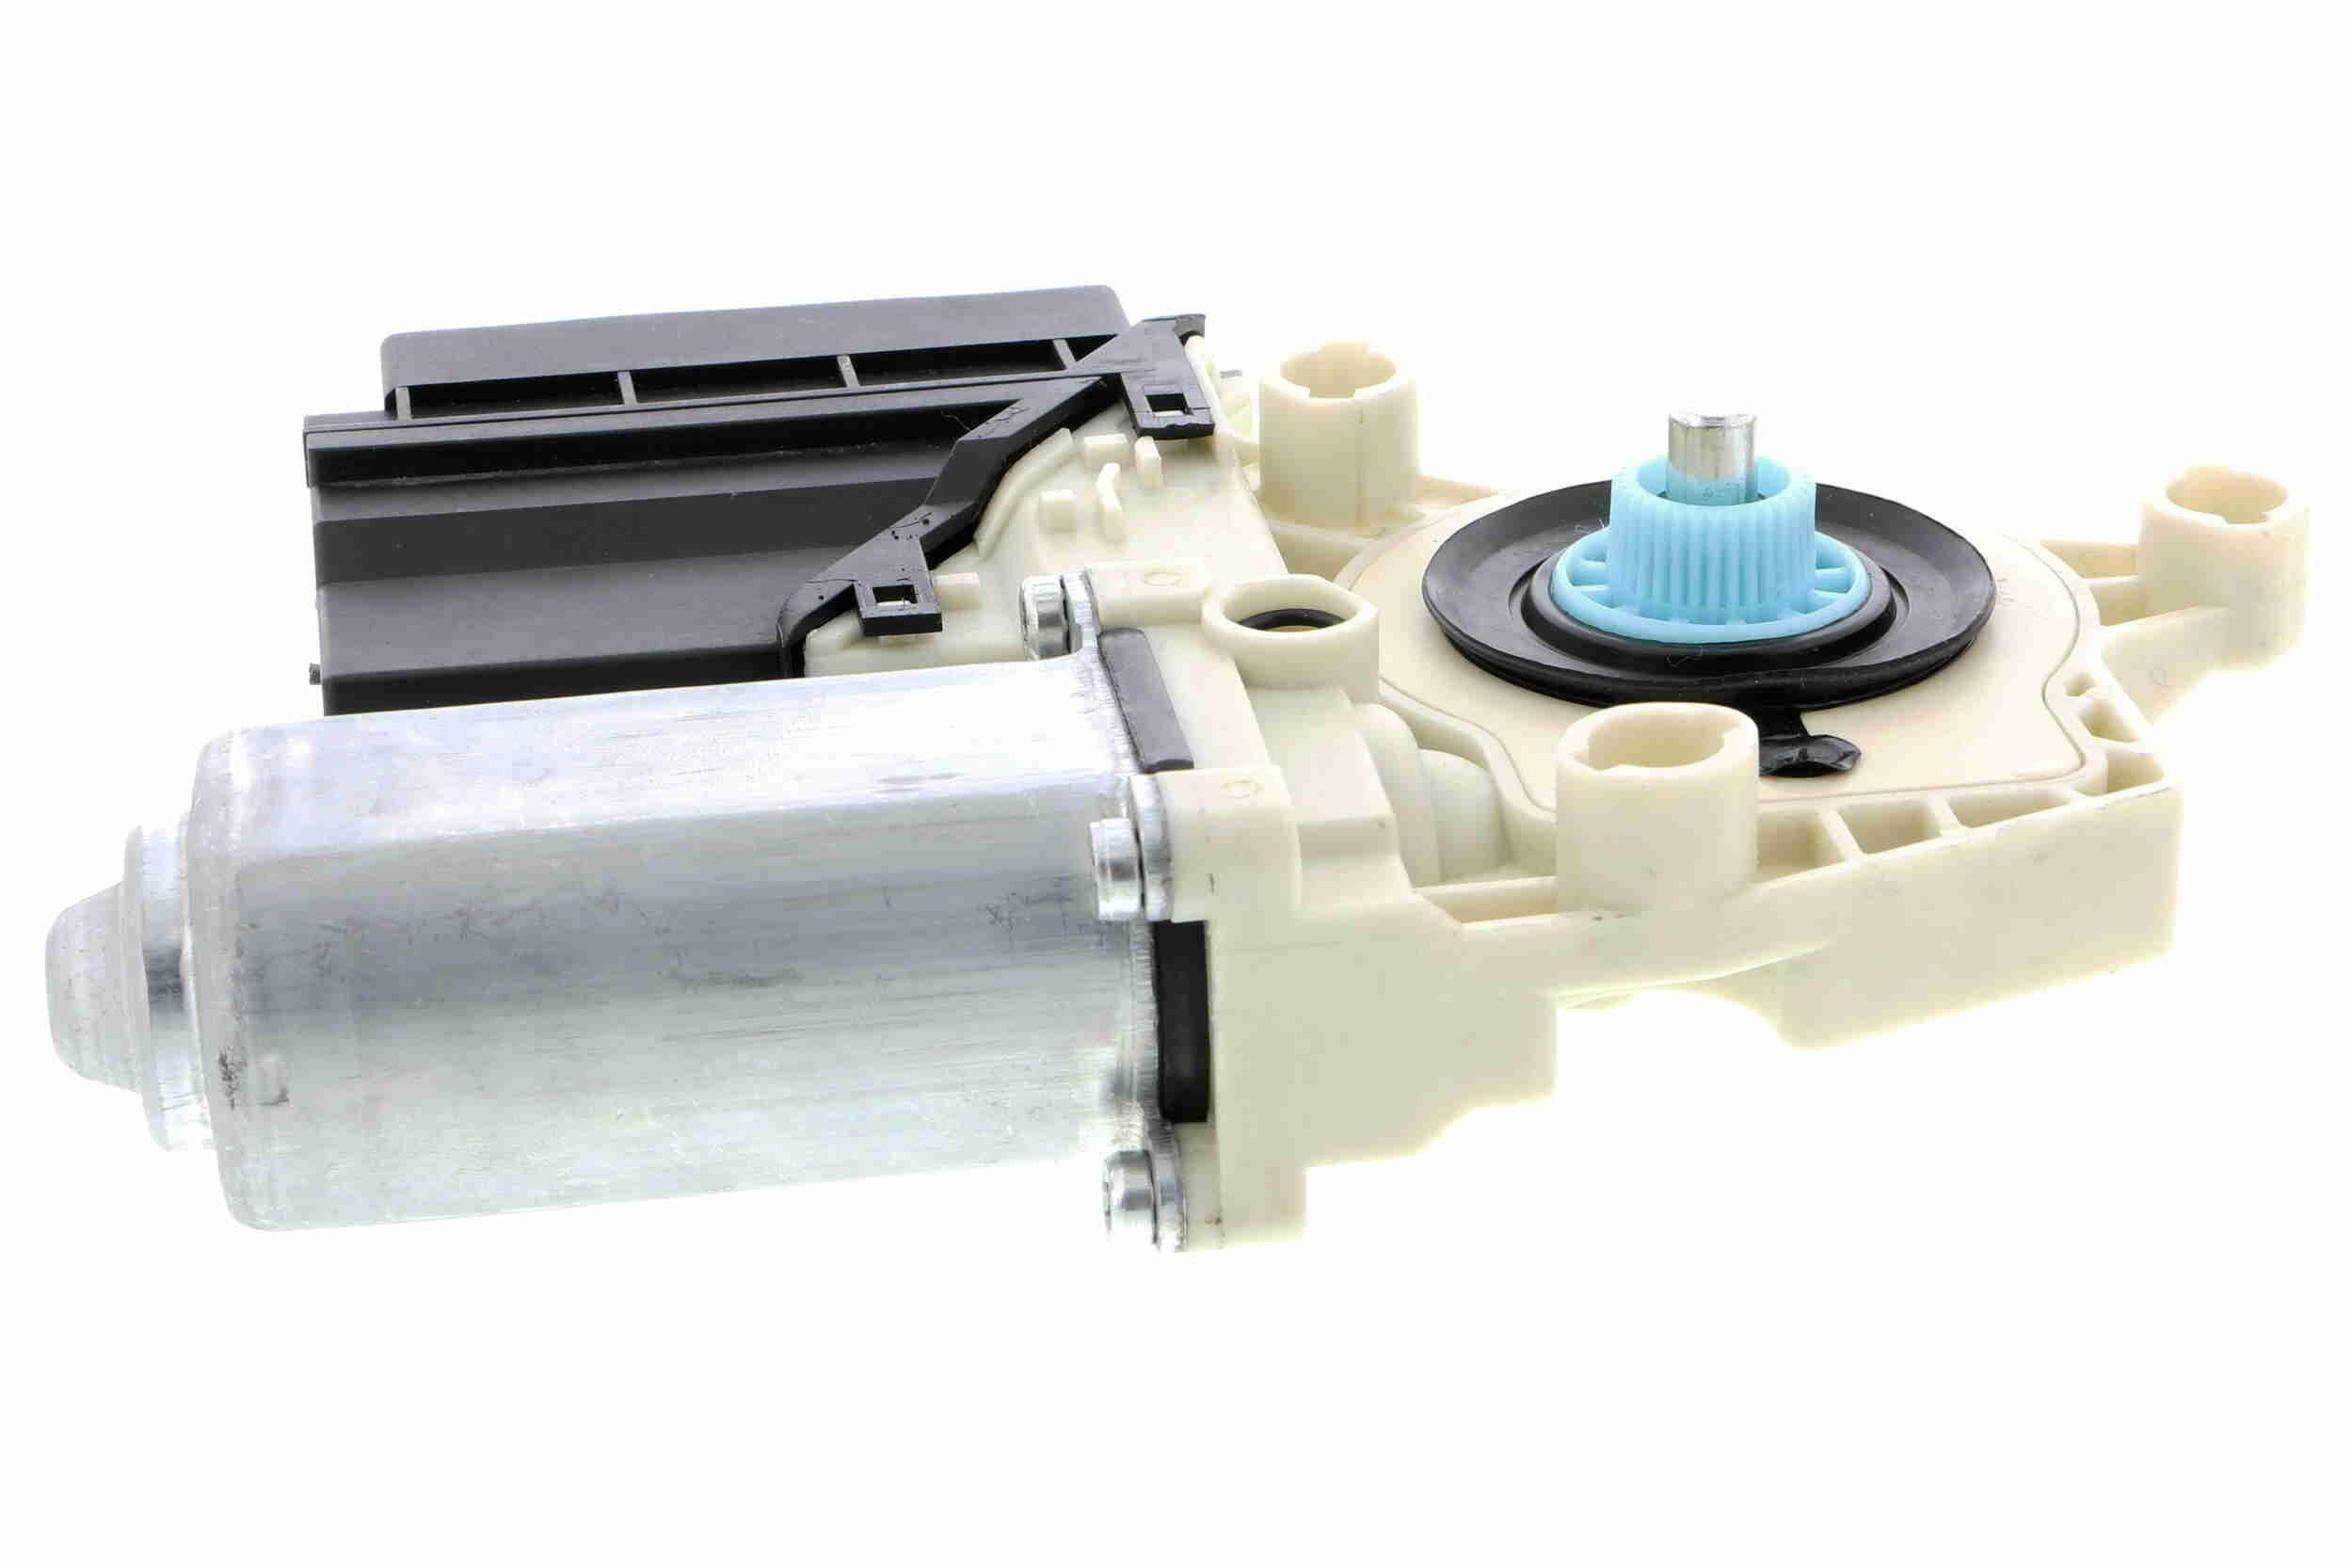 Elektromotor, Fensterheber V10-05-0018 VEMO V10-05-0018 in Original Qualität